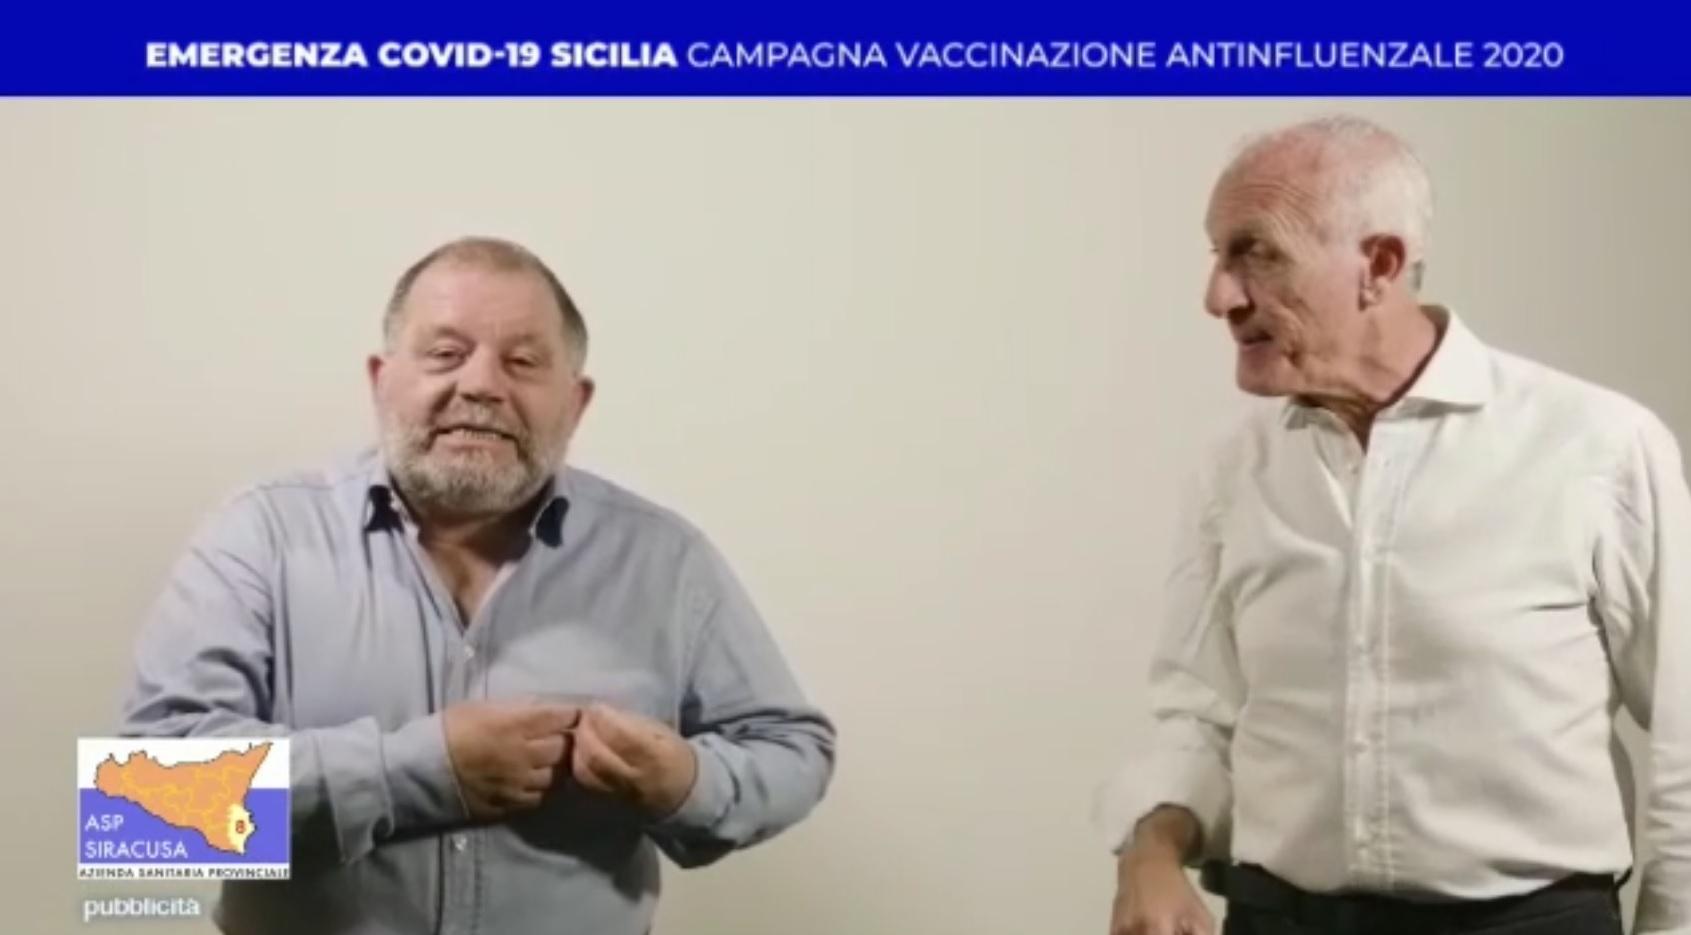 Vaccino antinfluenzale, l'Asp di Siracusa sceglie come testimonial Toti e Totino